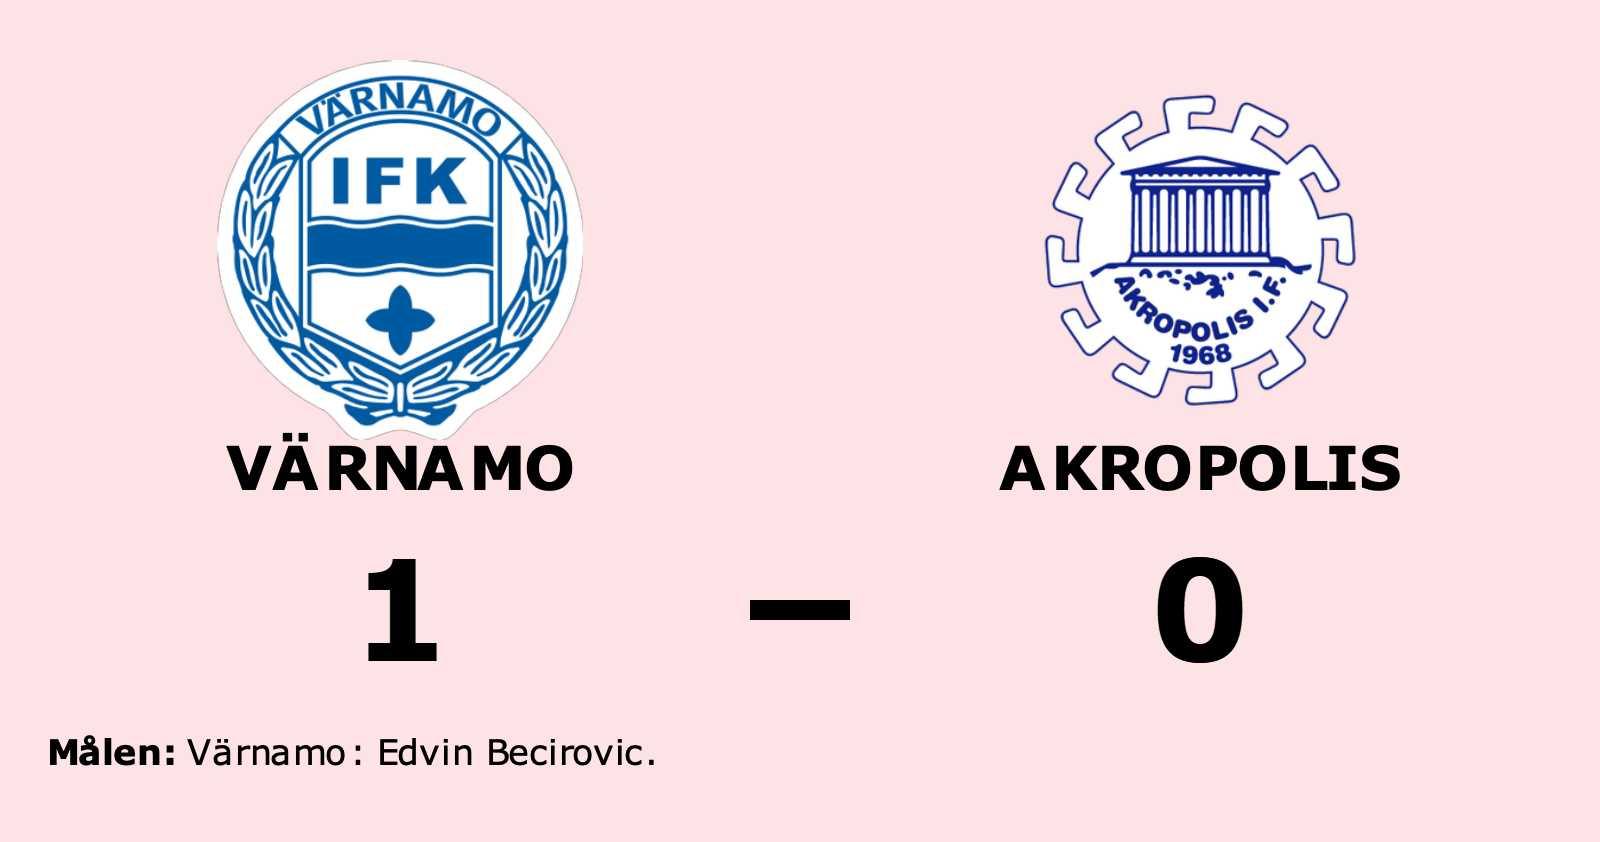 Akropolis utan seger för sjunde matchen i rad